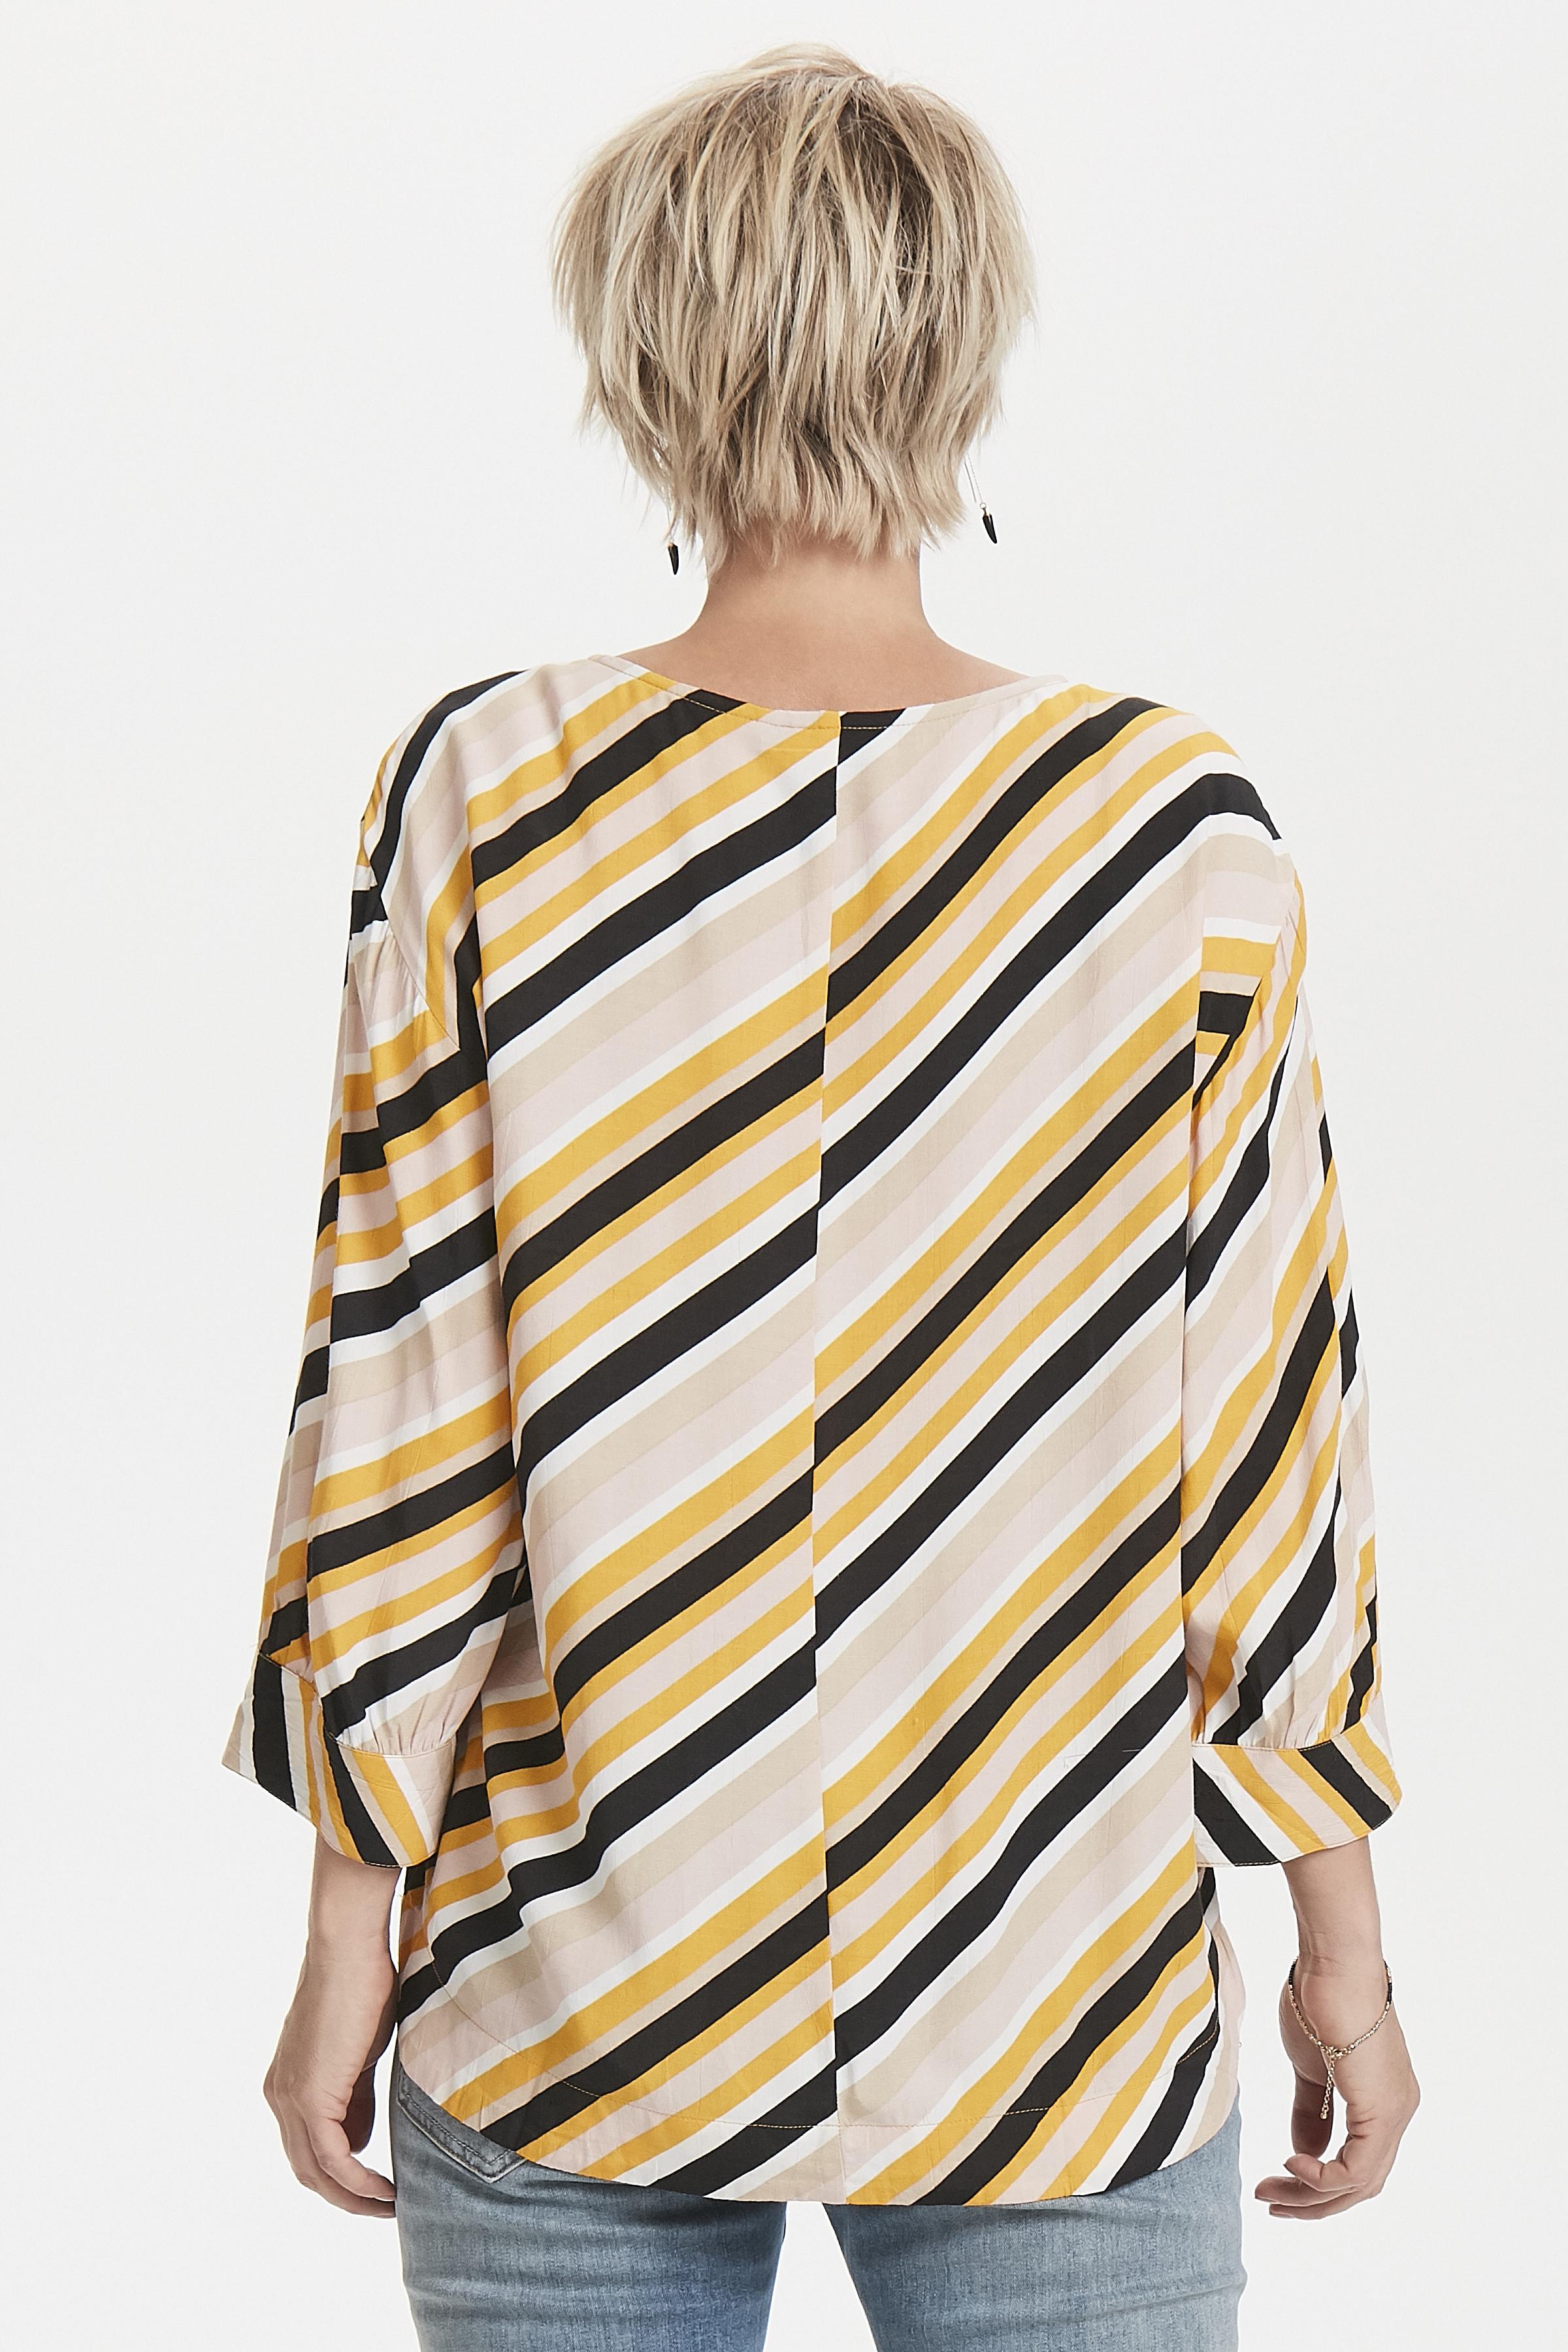 Geel/zand Shirt van b.young – Door Geel/zand Shirt van maat. 34-46 hier